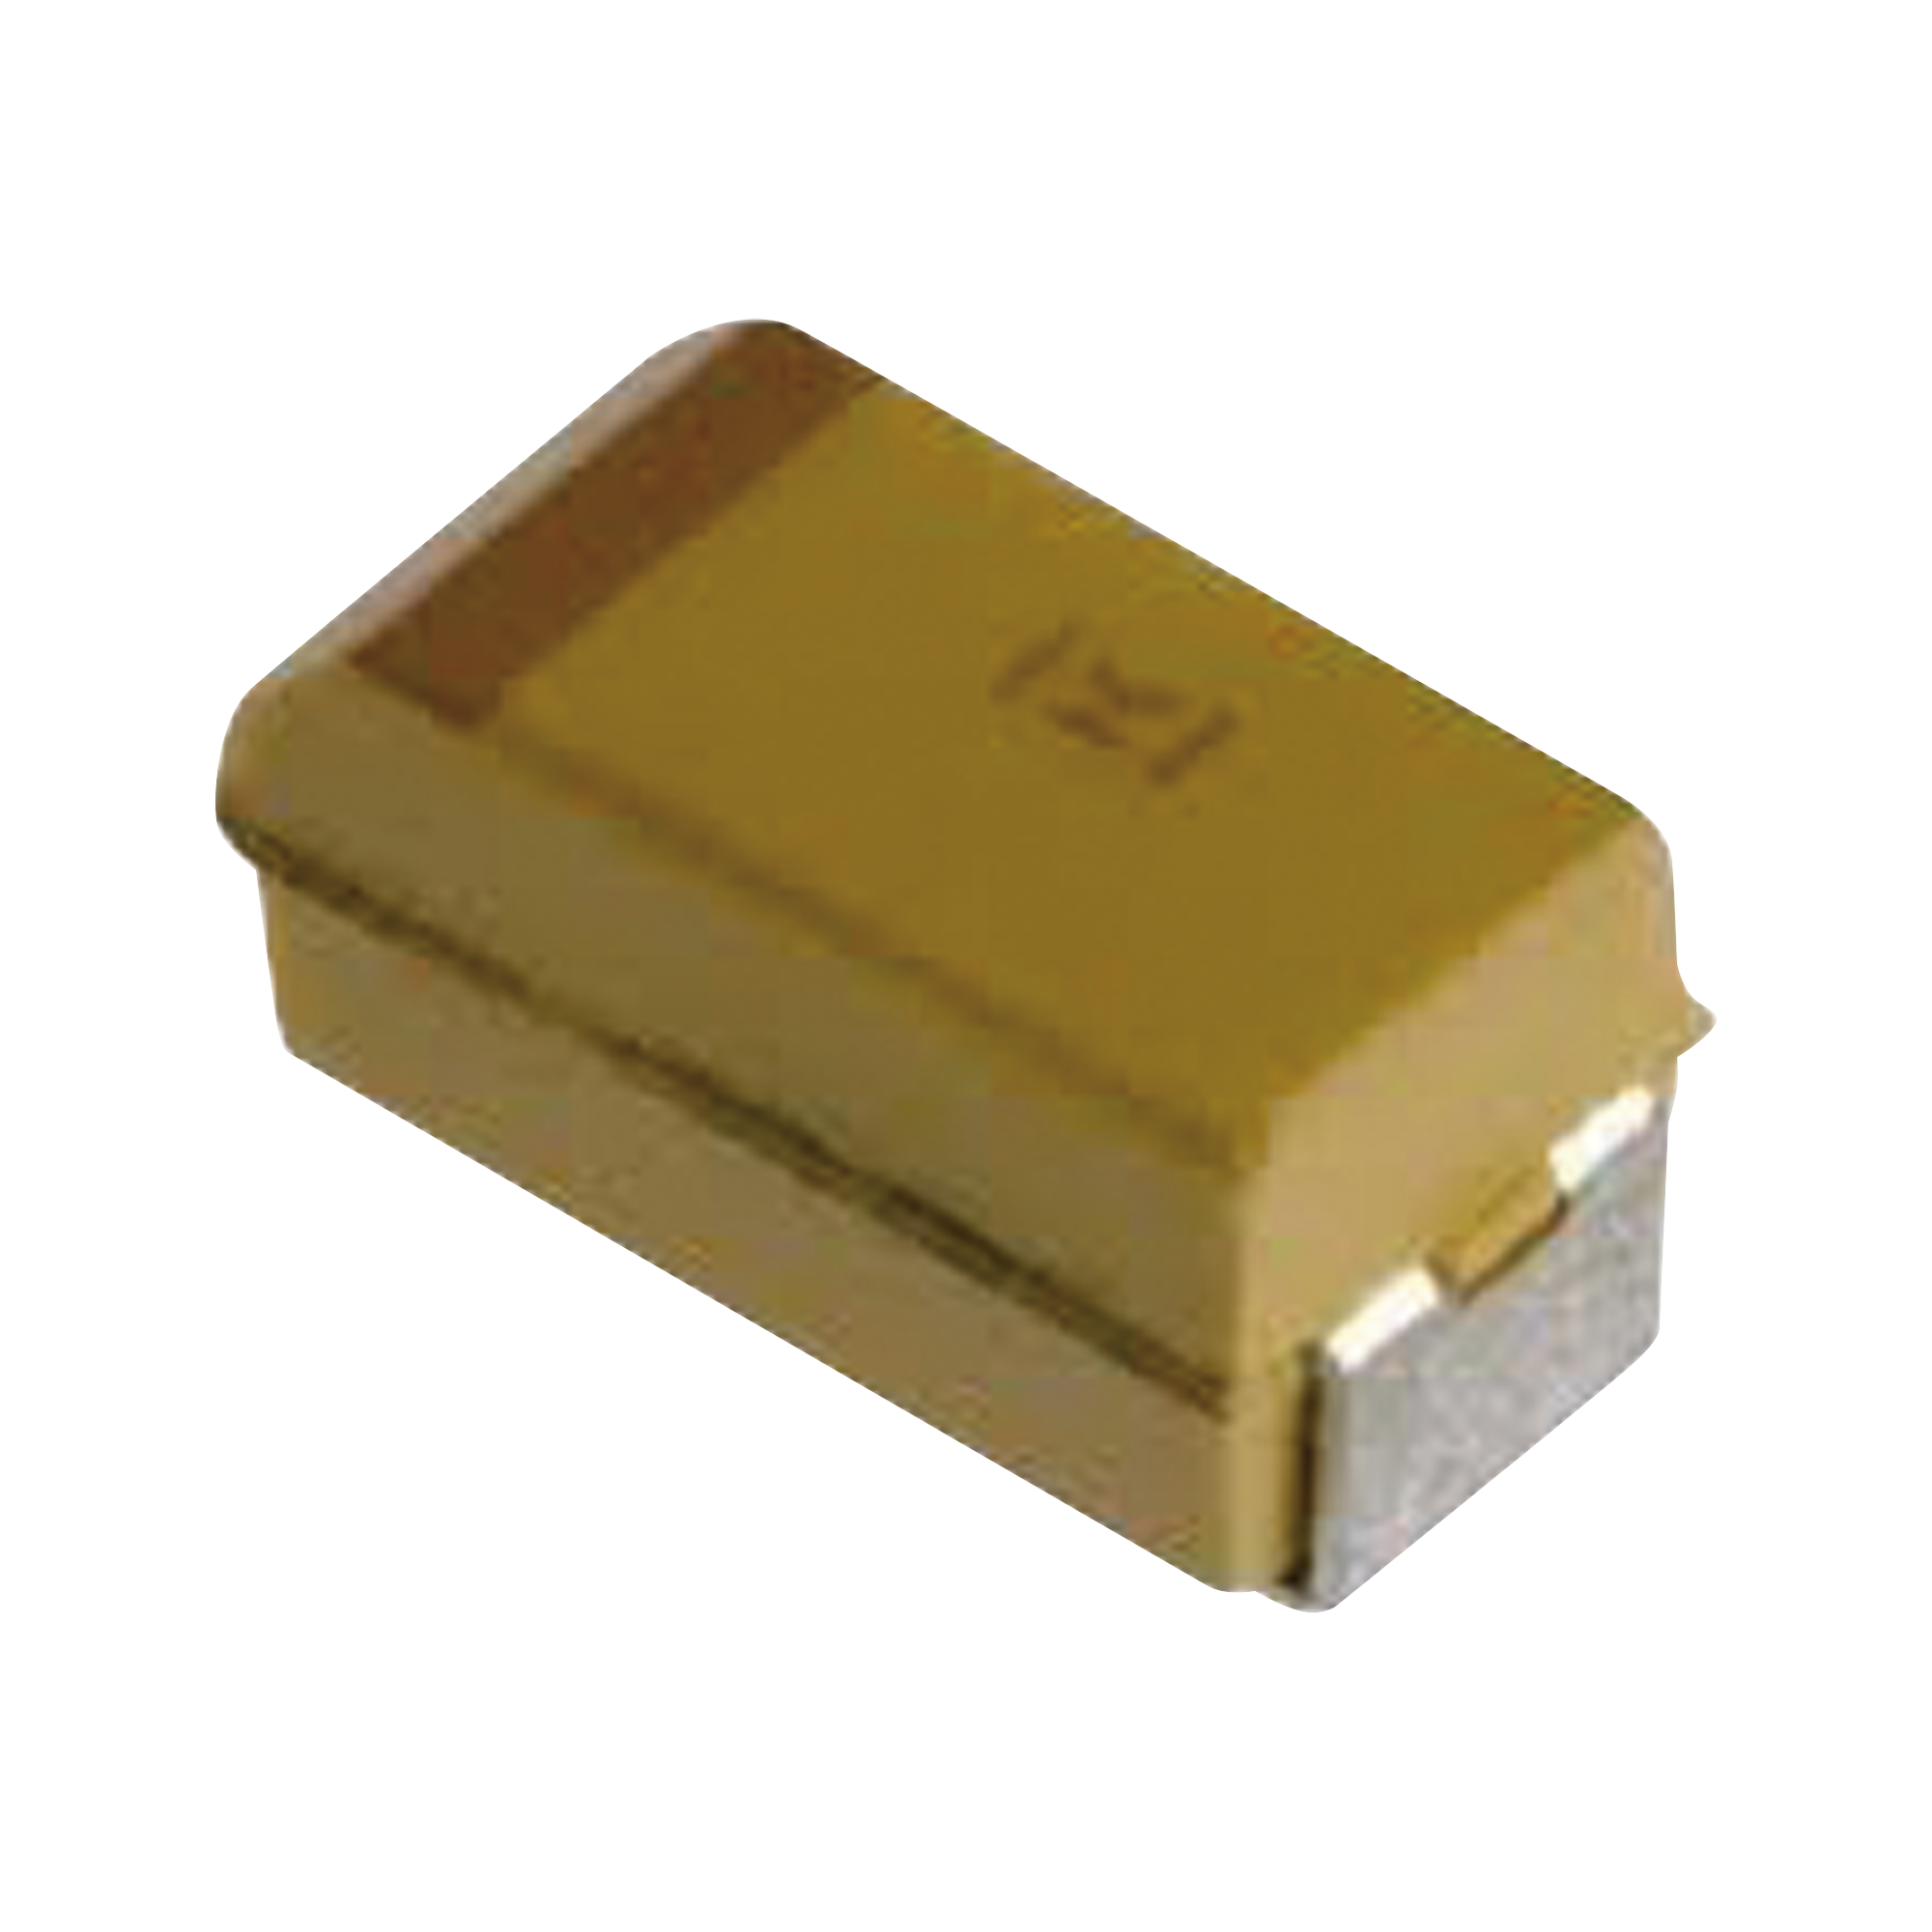 Capacitor de Tantalio tipo SMD de 10 uFd para C28, C29 y C48 del Monitor COM-3010.